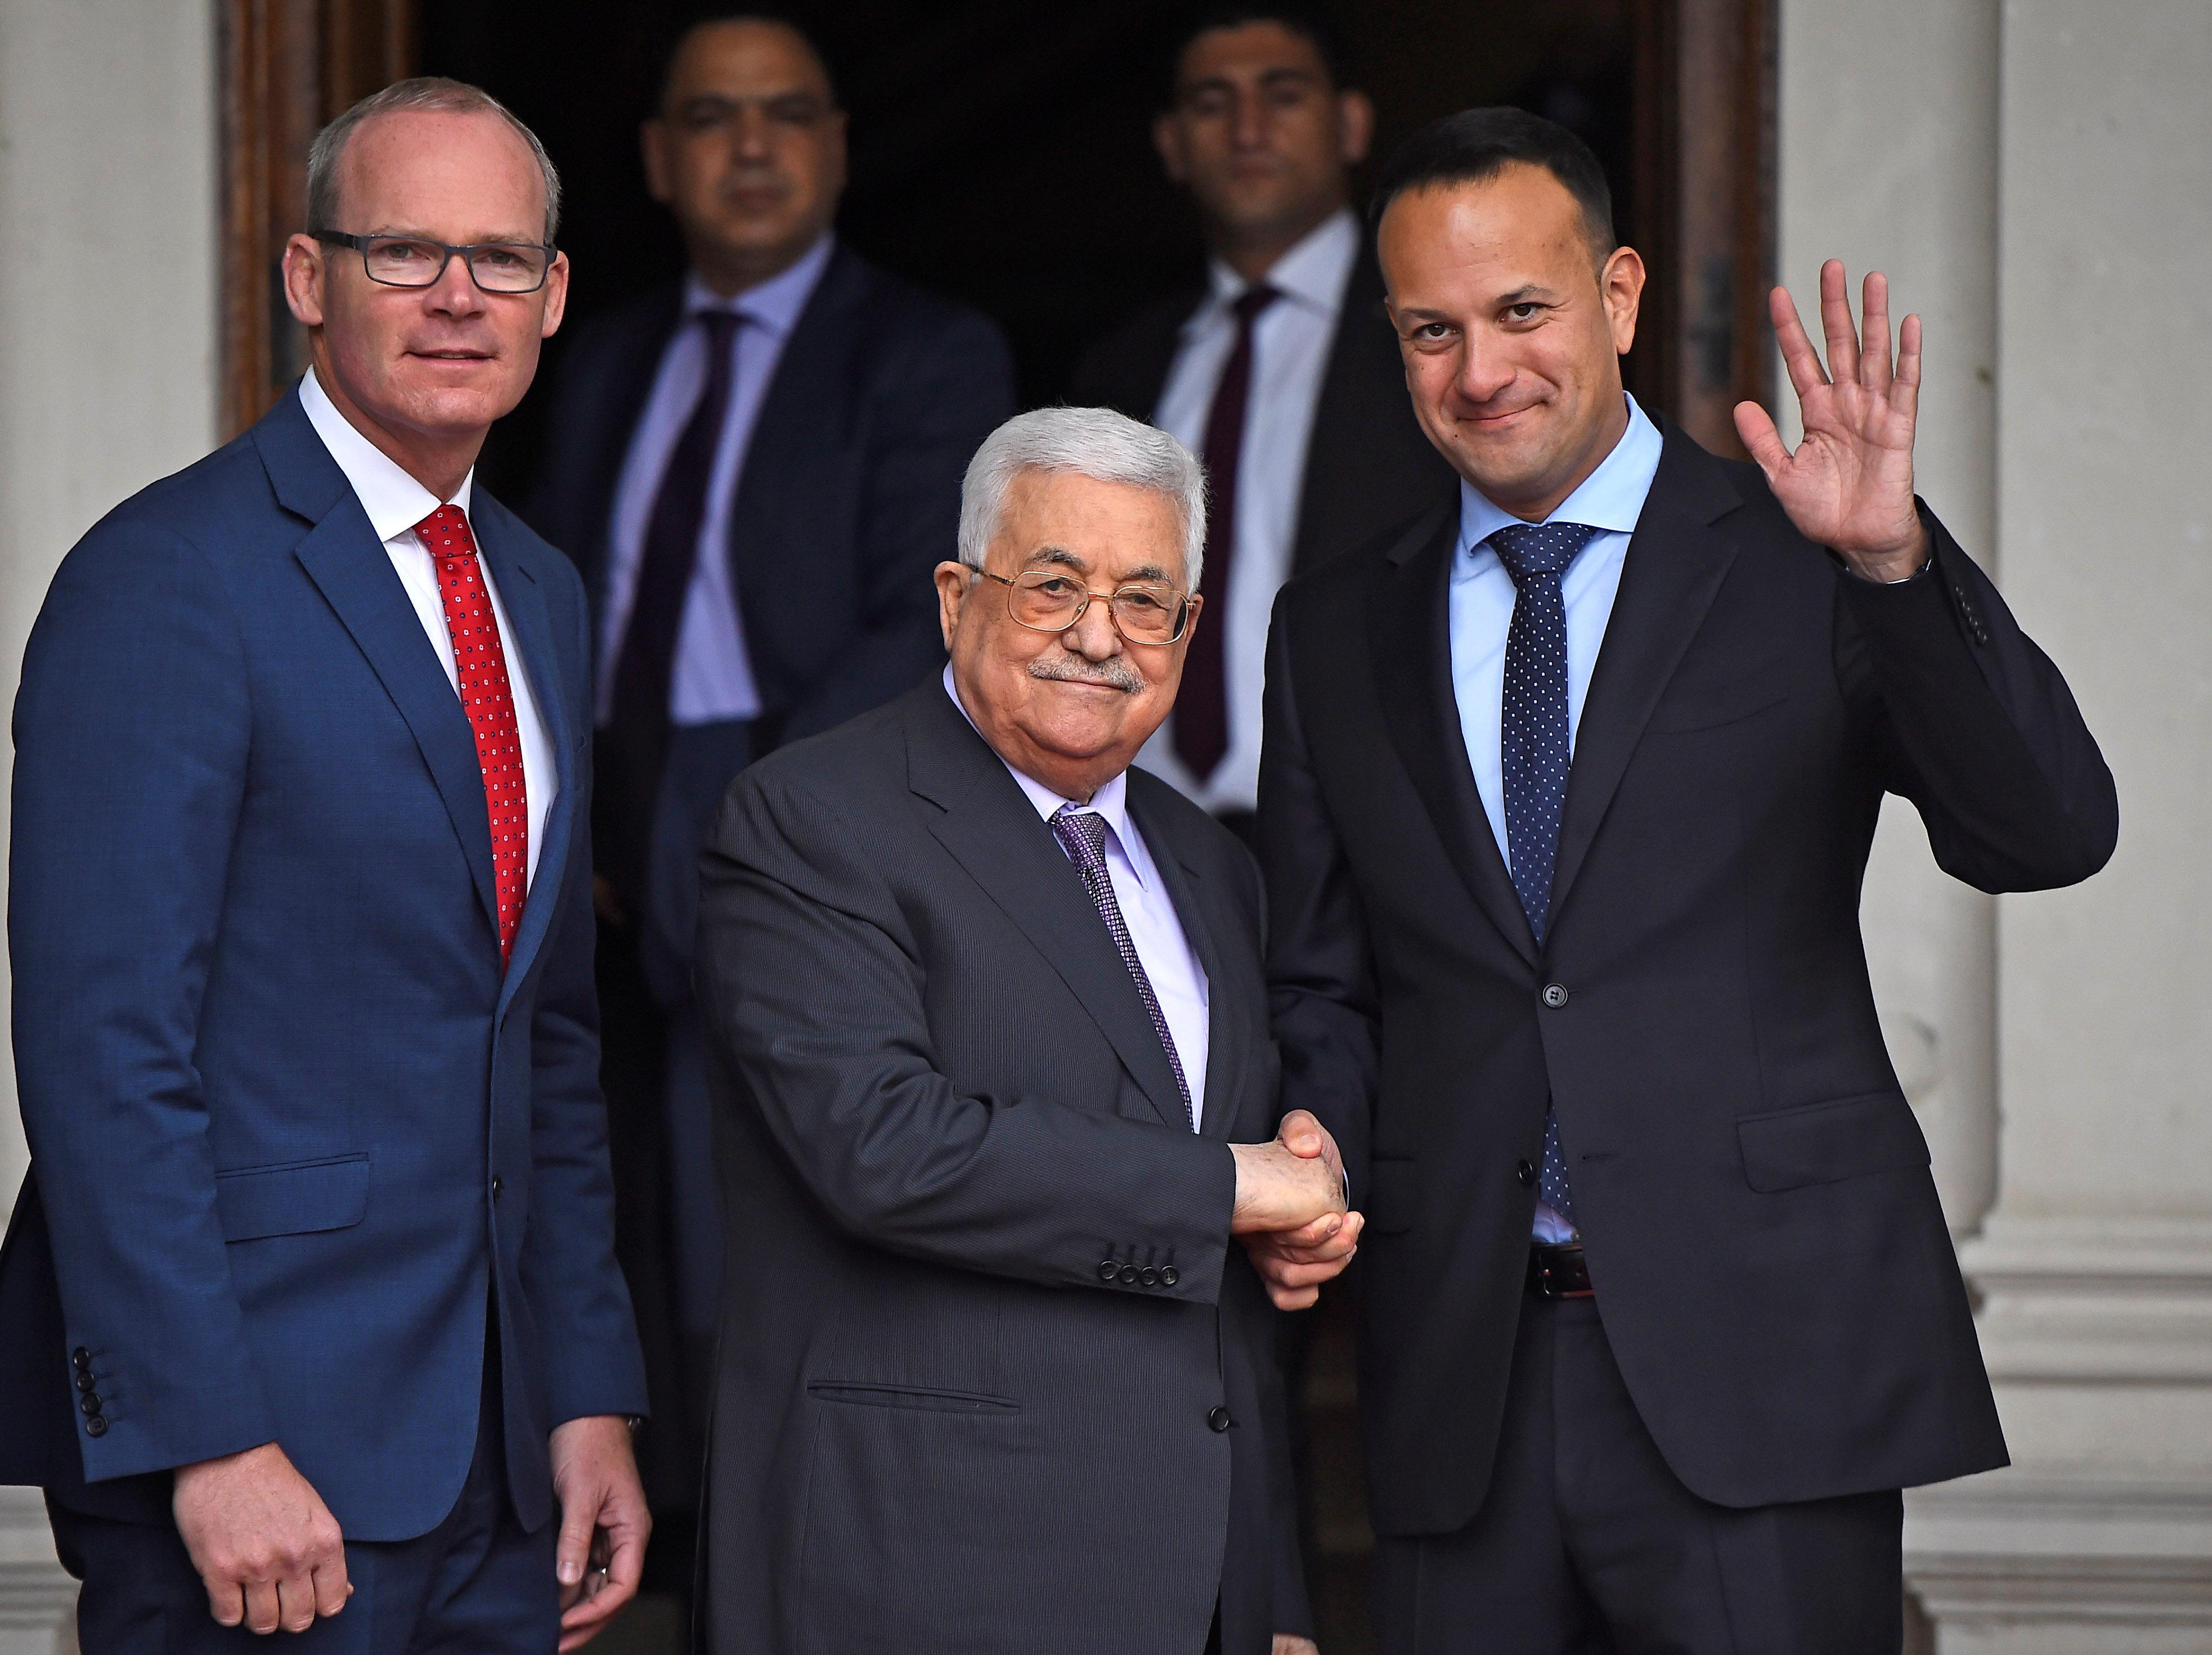 L'Irlande reconnaîtra la Palestine si les négociations continuent d'échouer